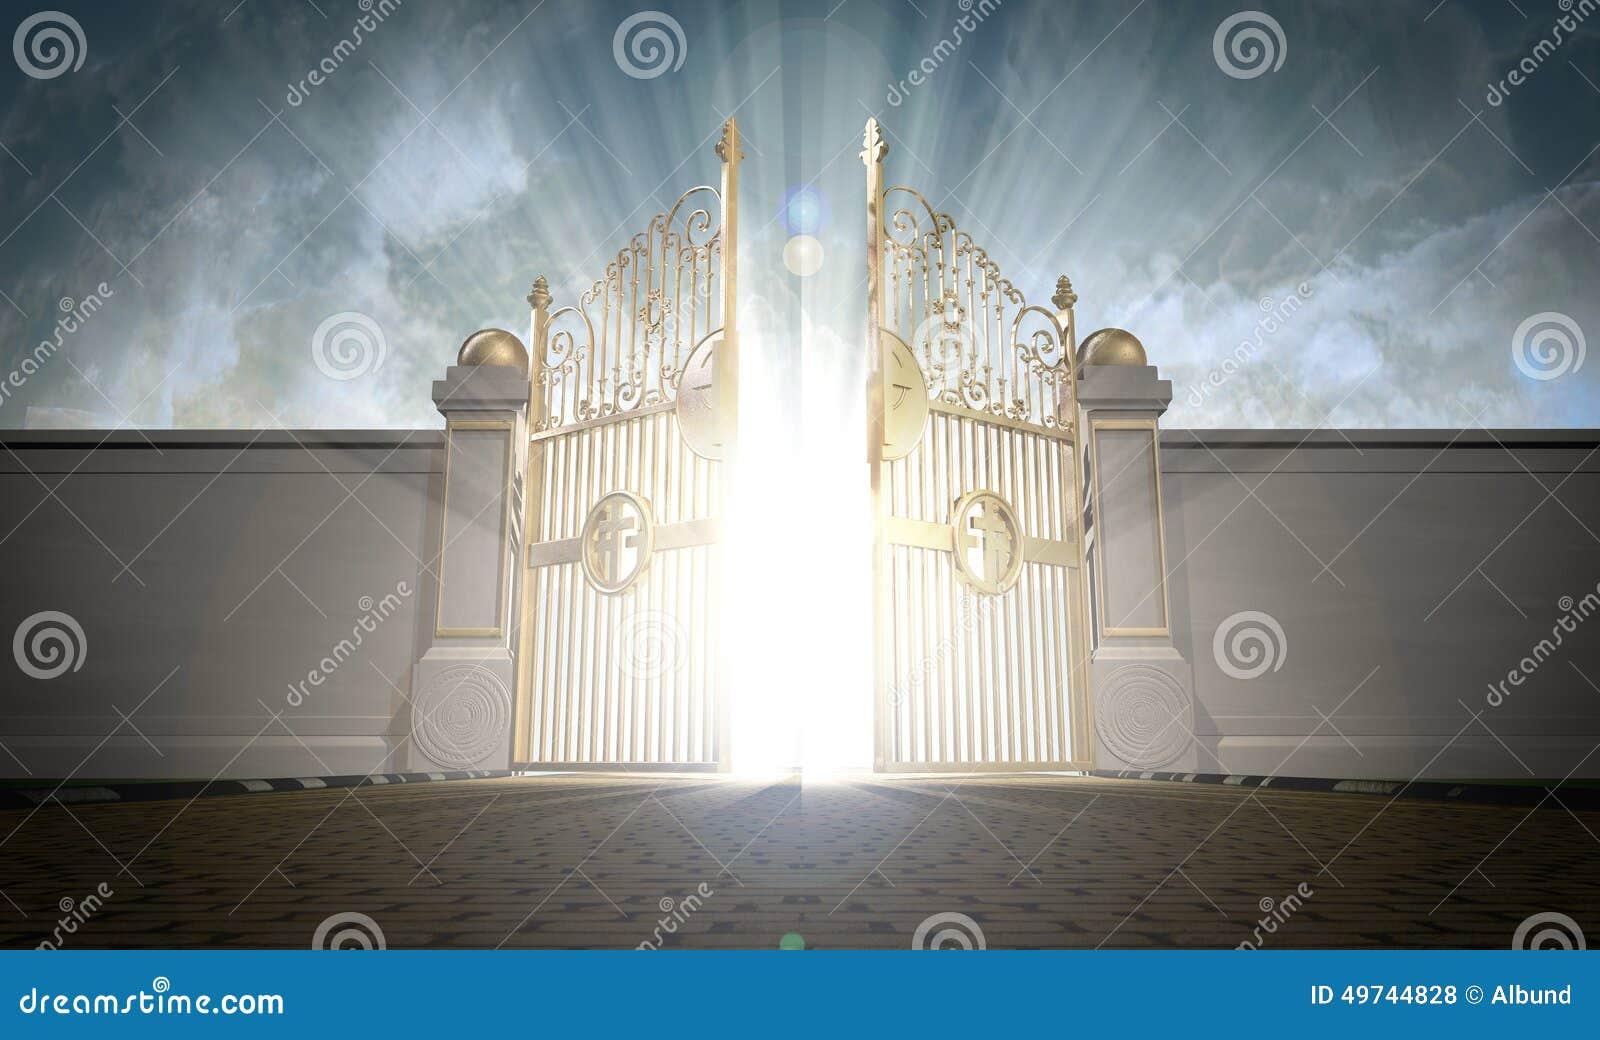 天堂色院_天堂开头珠色门的描述与天堂的光明面的与更加愚钝的前景形成对比.